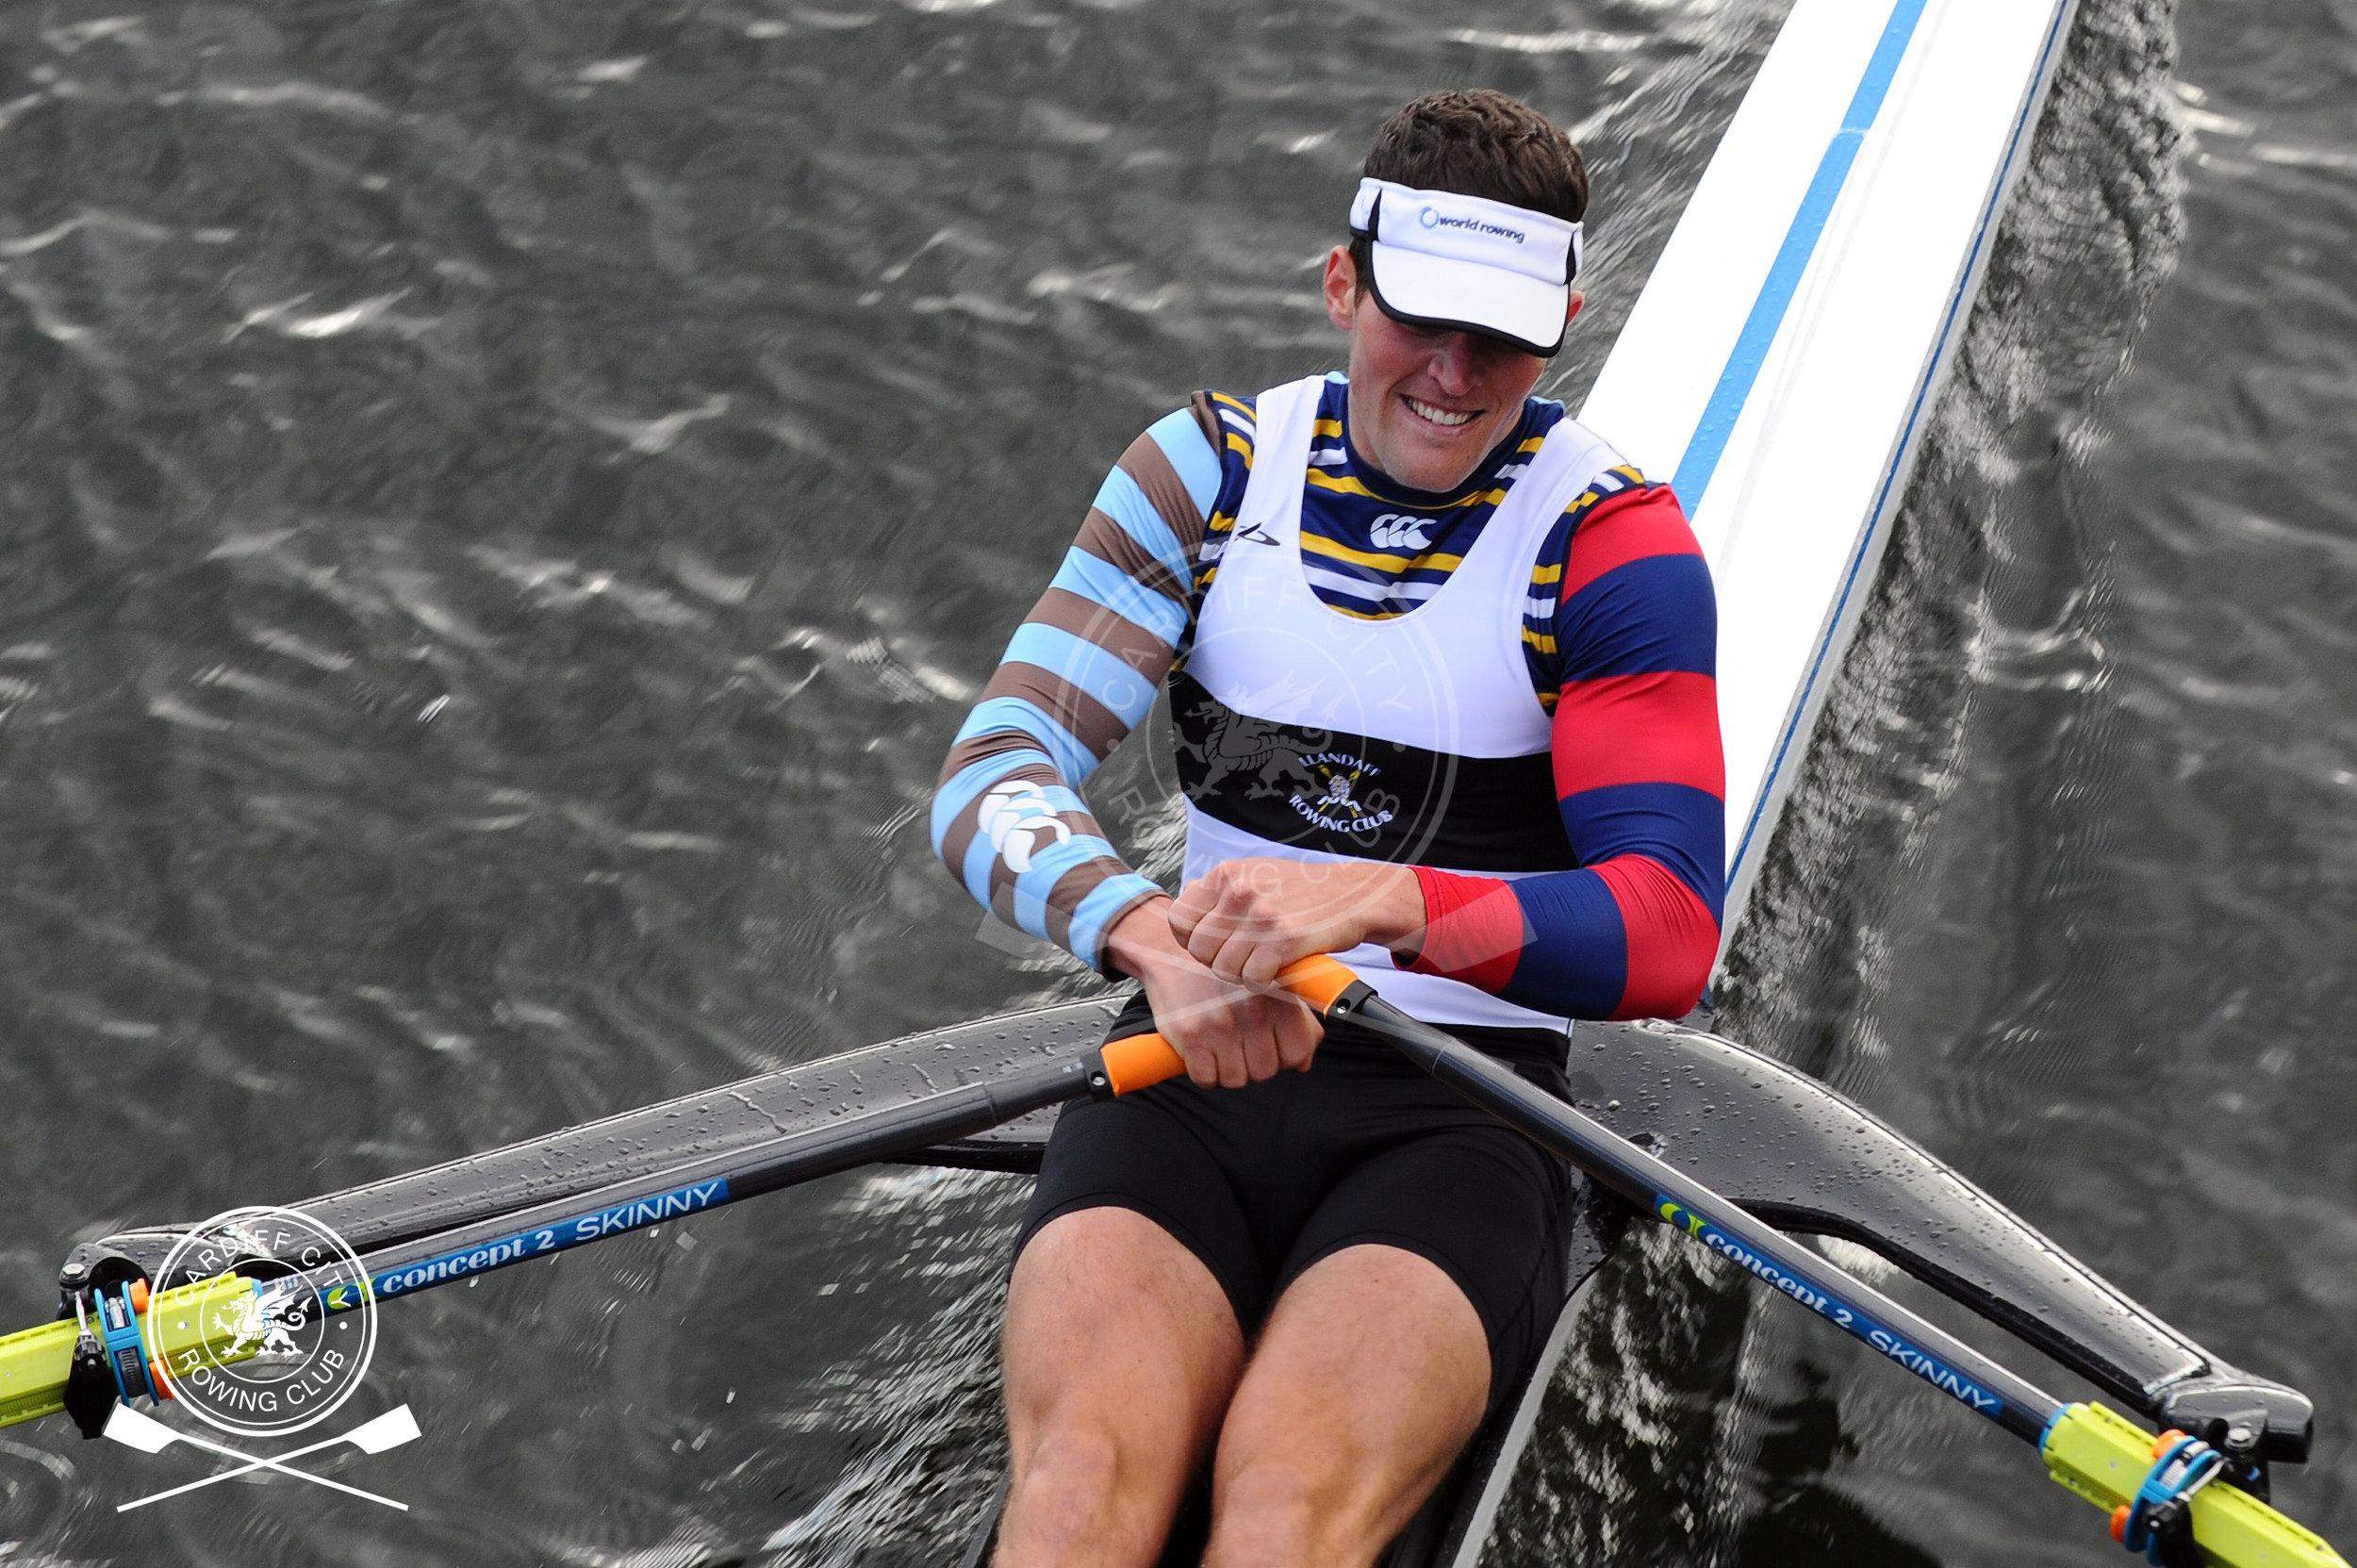 Cardiff_City_Head_Race_245.jpg